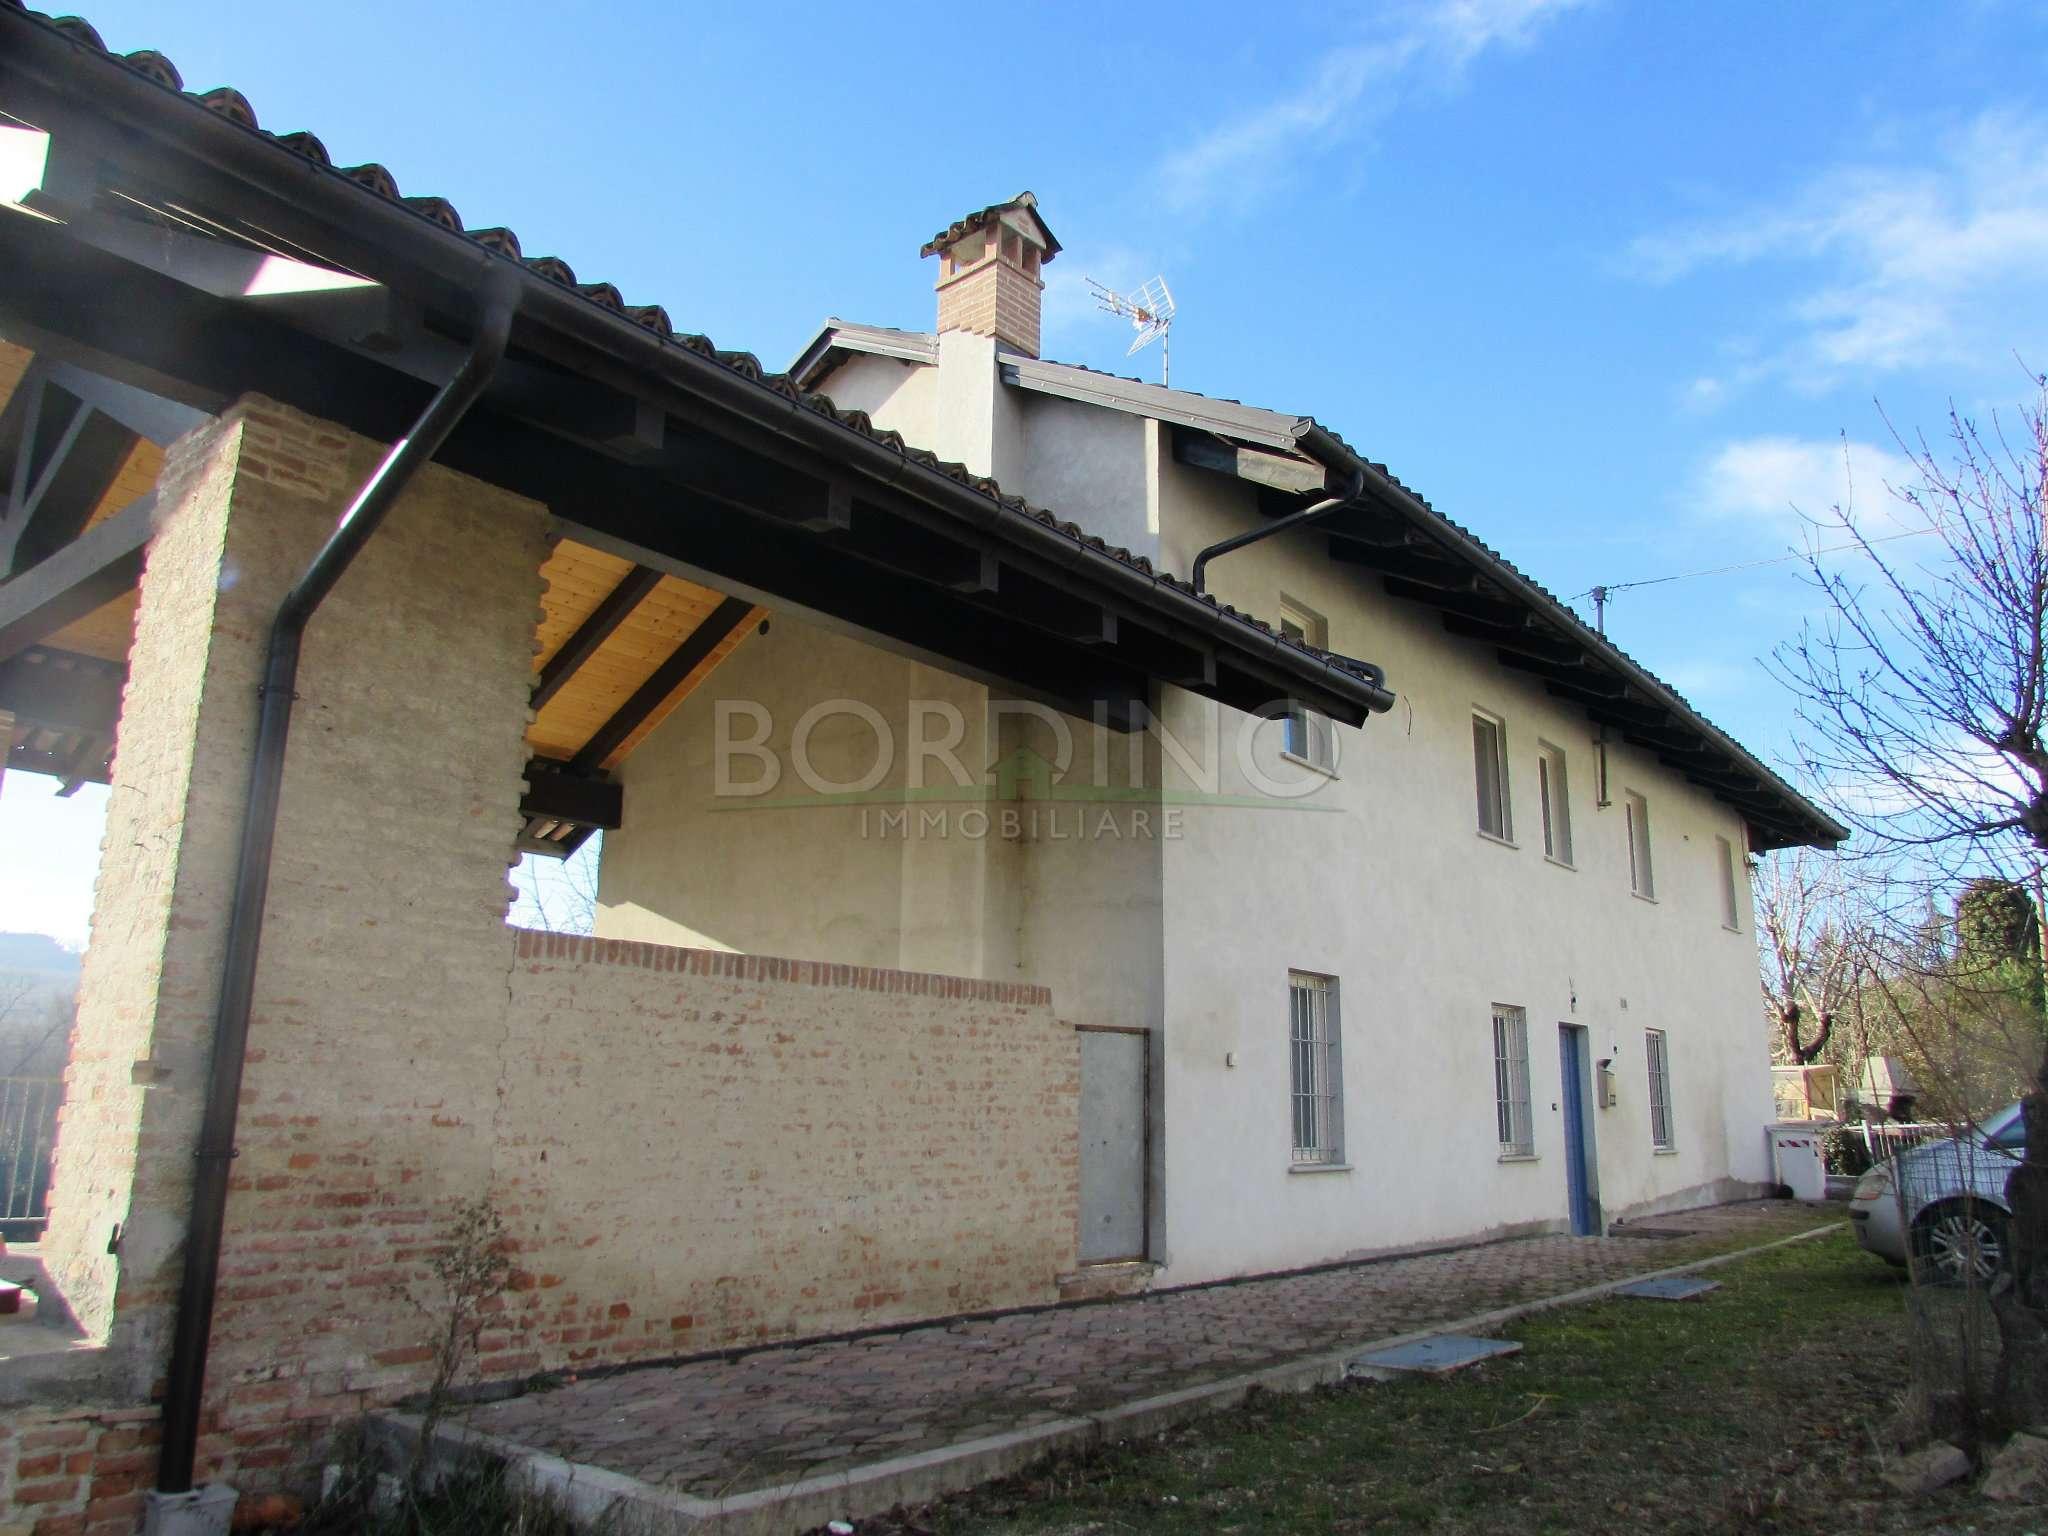 Soluzione Indipendente in vendita a Priocca, 7 locali, prezzo € 265.000 | CambioCasa.it